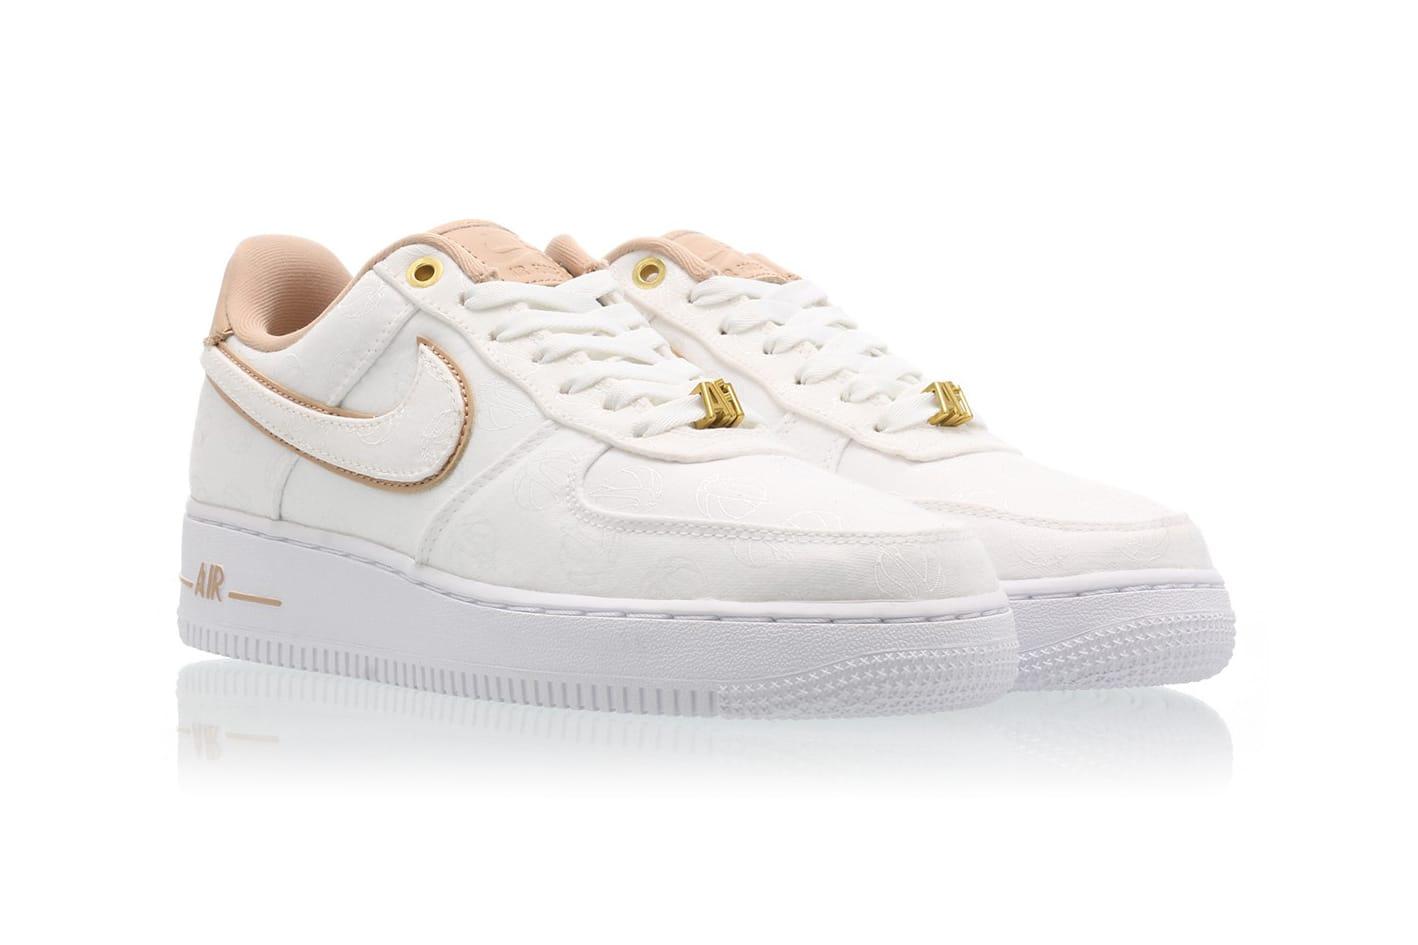 Nike Air Force 1 \u002707 LX in White/Bio Beige/Gold